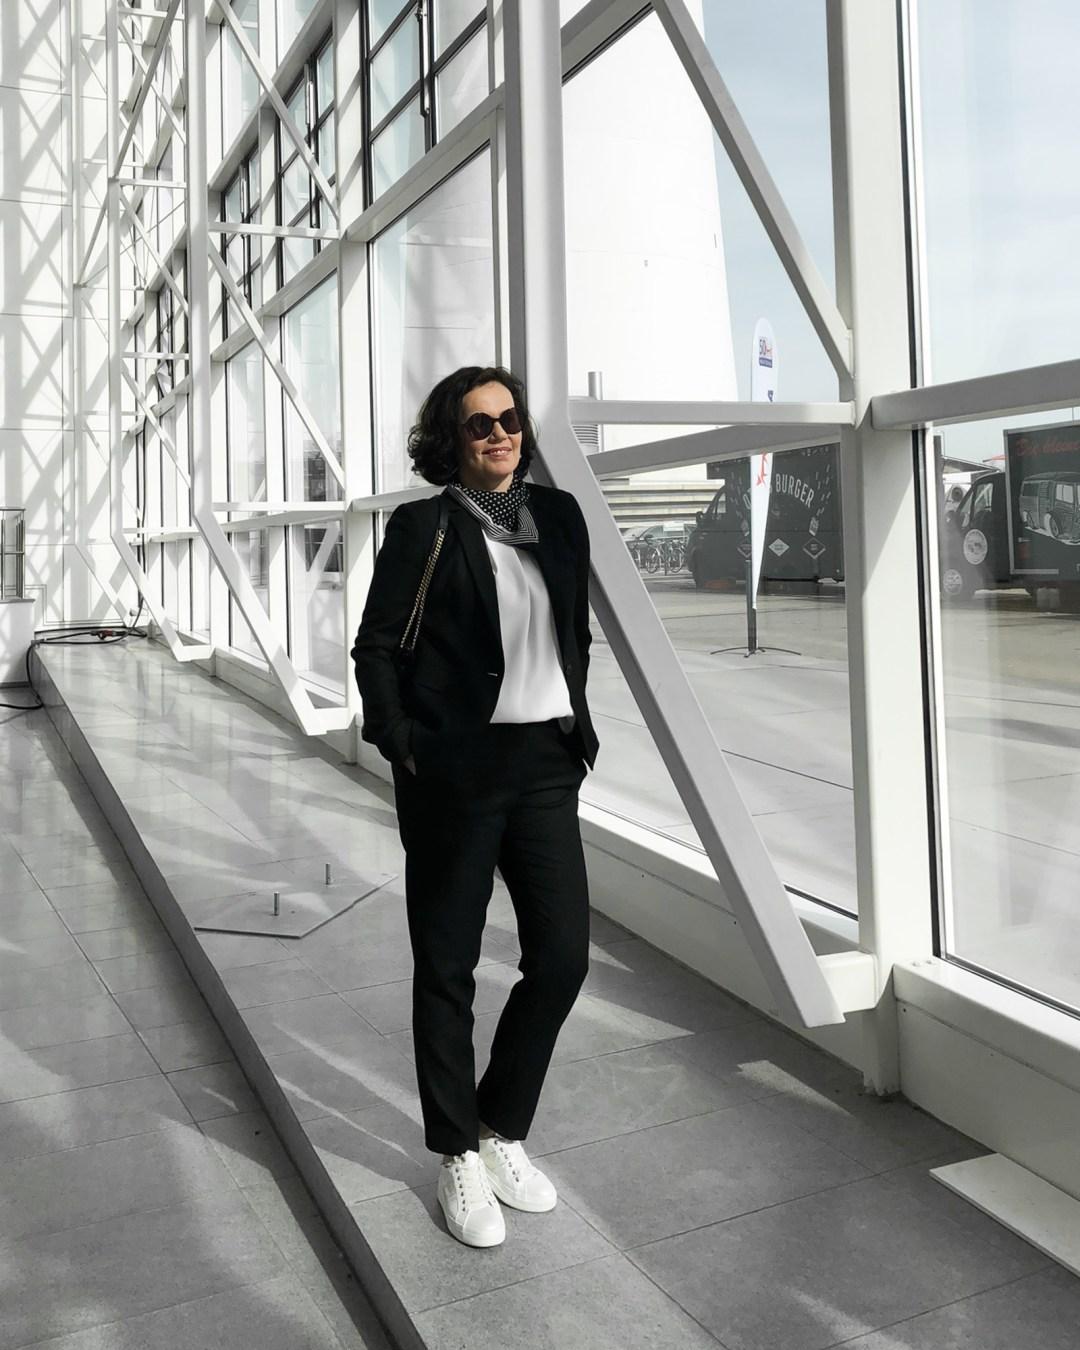 inastil, Ü50Blogger, Hamburg, Citytrip, Hamburgtrip, Städtereise, FashionÜ50, Stilberatung, Stylingtipps, Modeblog,_-28